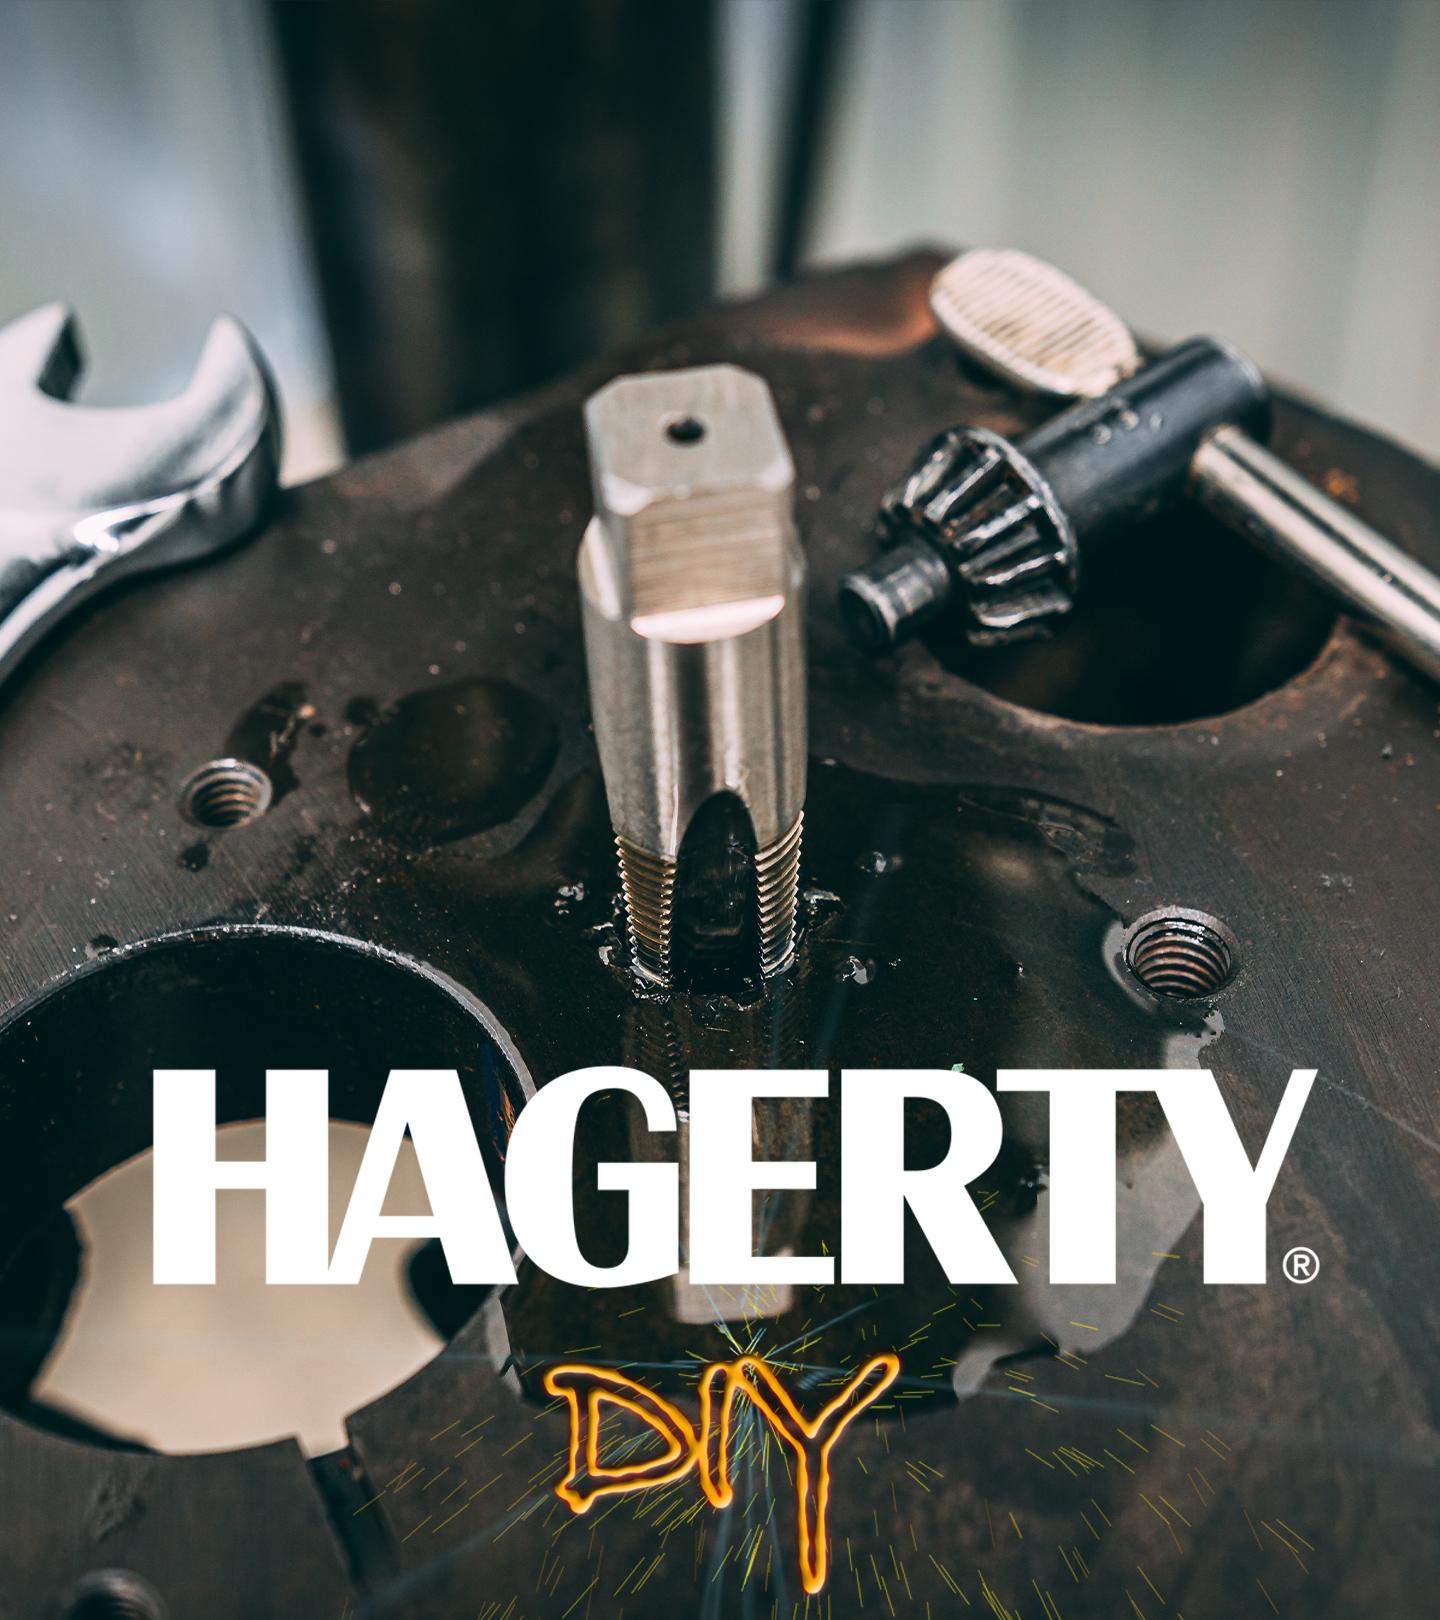 Hagerty DIY